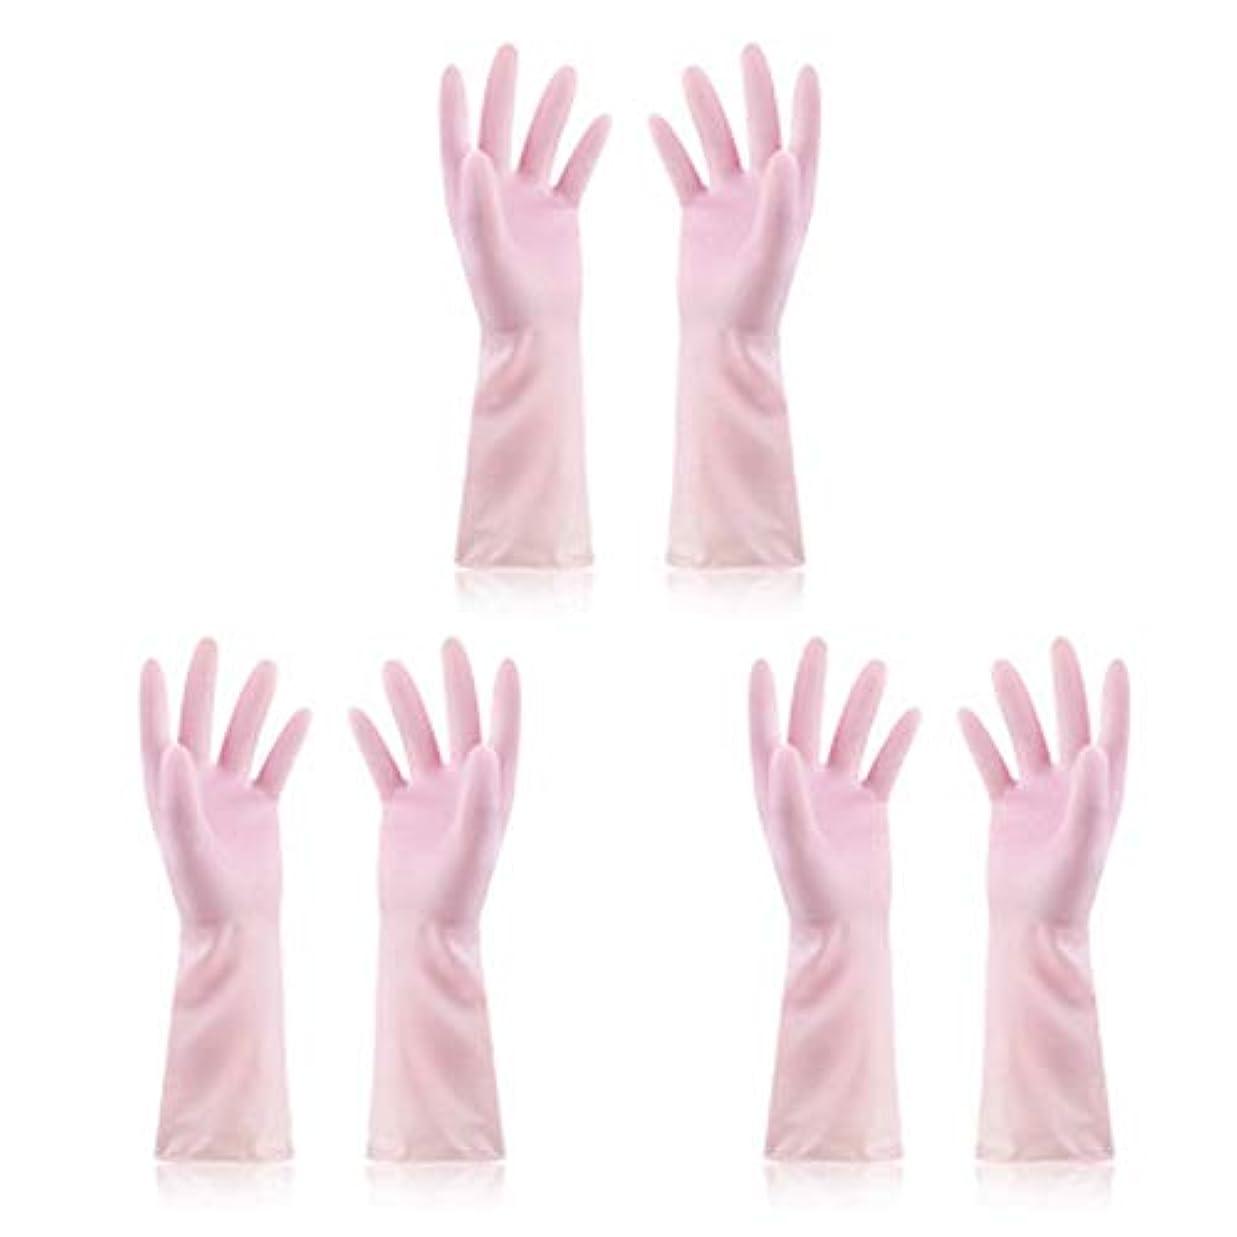 ギャロップ高さ冷淡なニトリルゴム手袋 使い捨て手袋防水ラテックス焦げ付き防止ゴム製ゴム製台所手袋、3組 使い捨て手袋 (Color : Pink, Size : M)